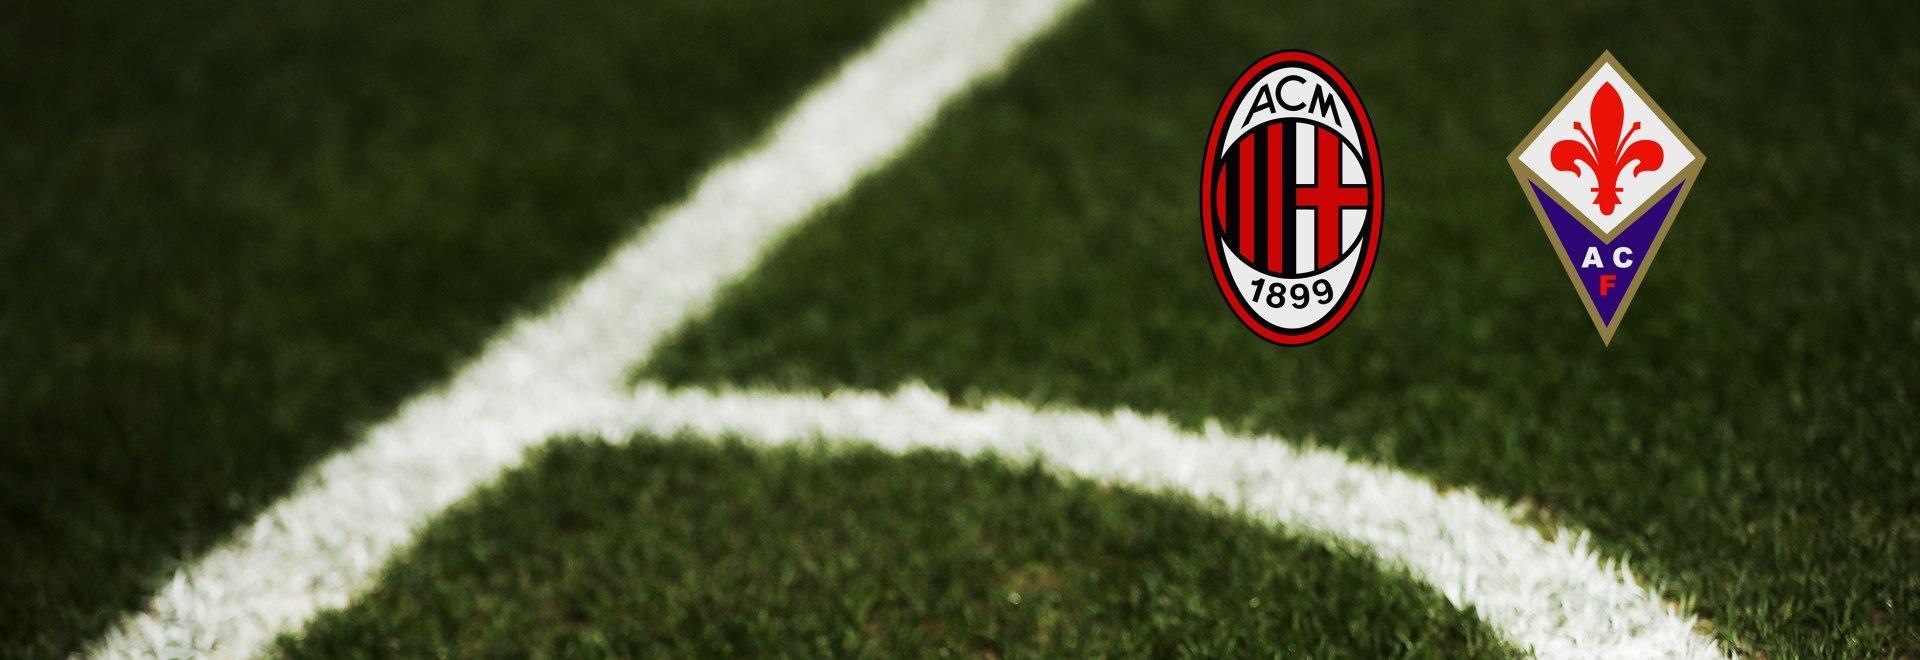 Milan - Fiorentina. 9a g.